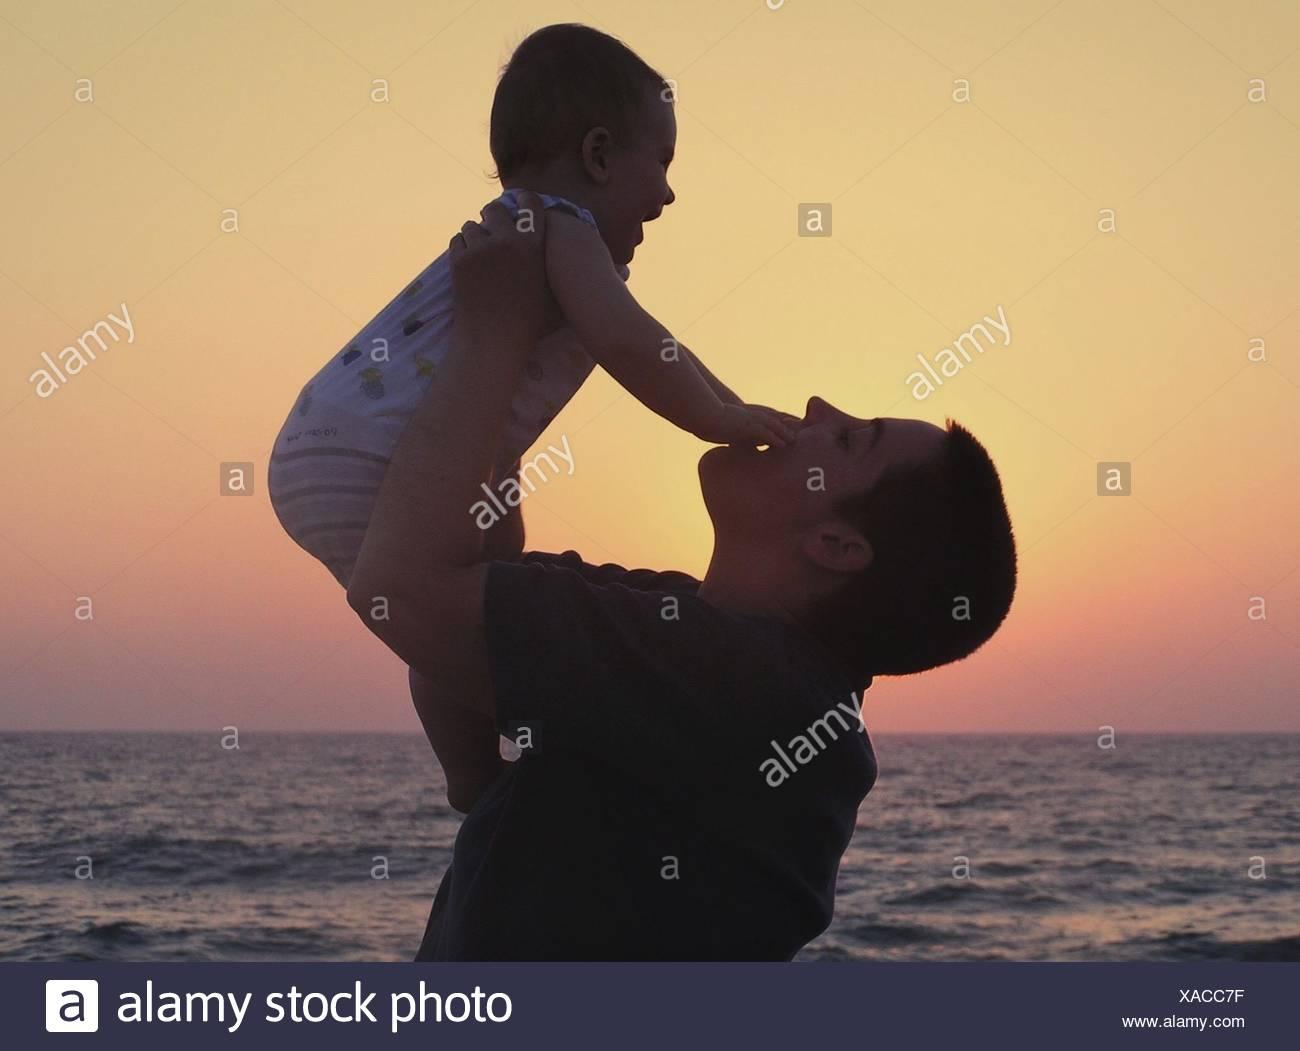 Riproduzione di madre con bambino sulla spiaggia Immagini Stock